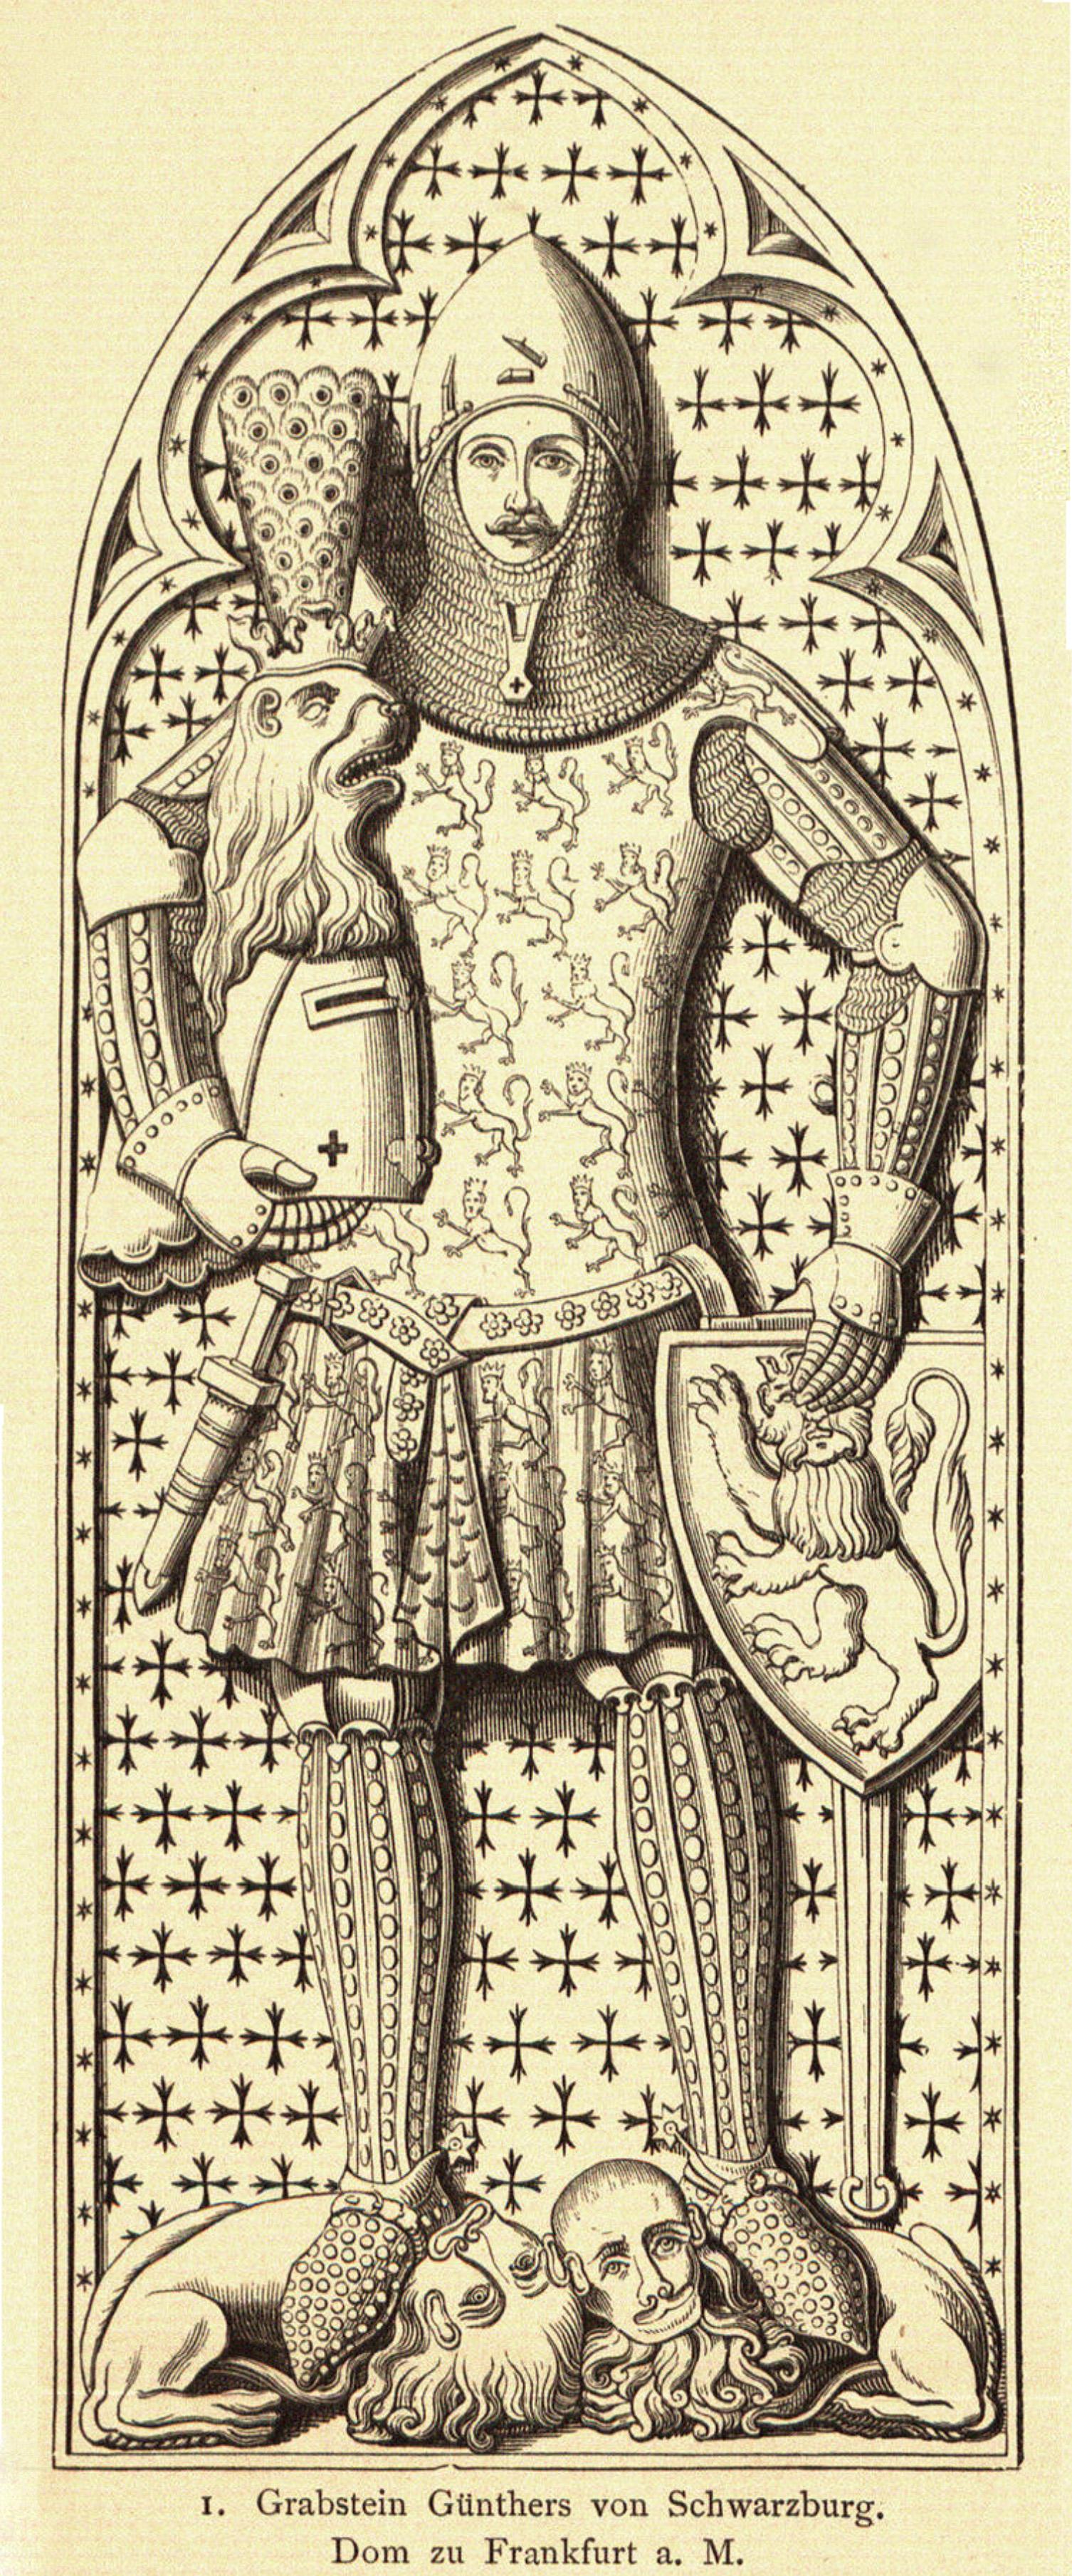 http://upload.wikimedia.org/wikipedia/commons/2/2b/Guenther_von_schwarzburg.jpg